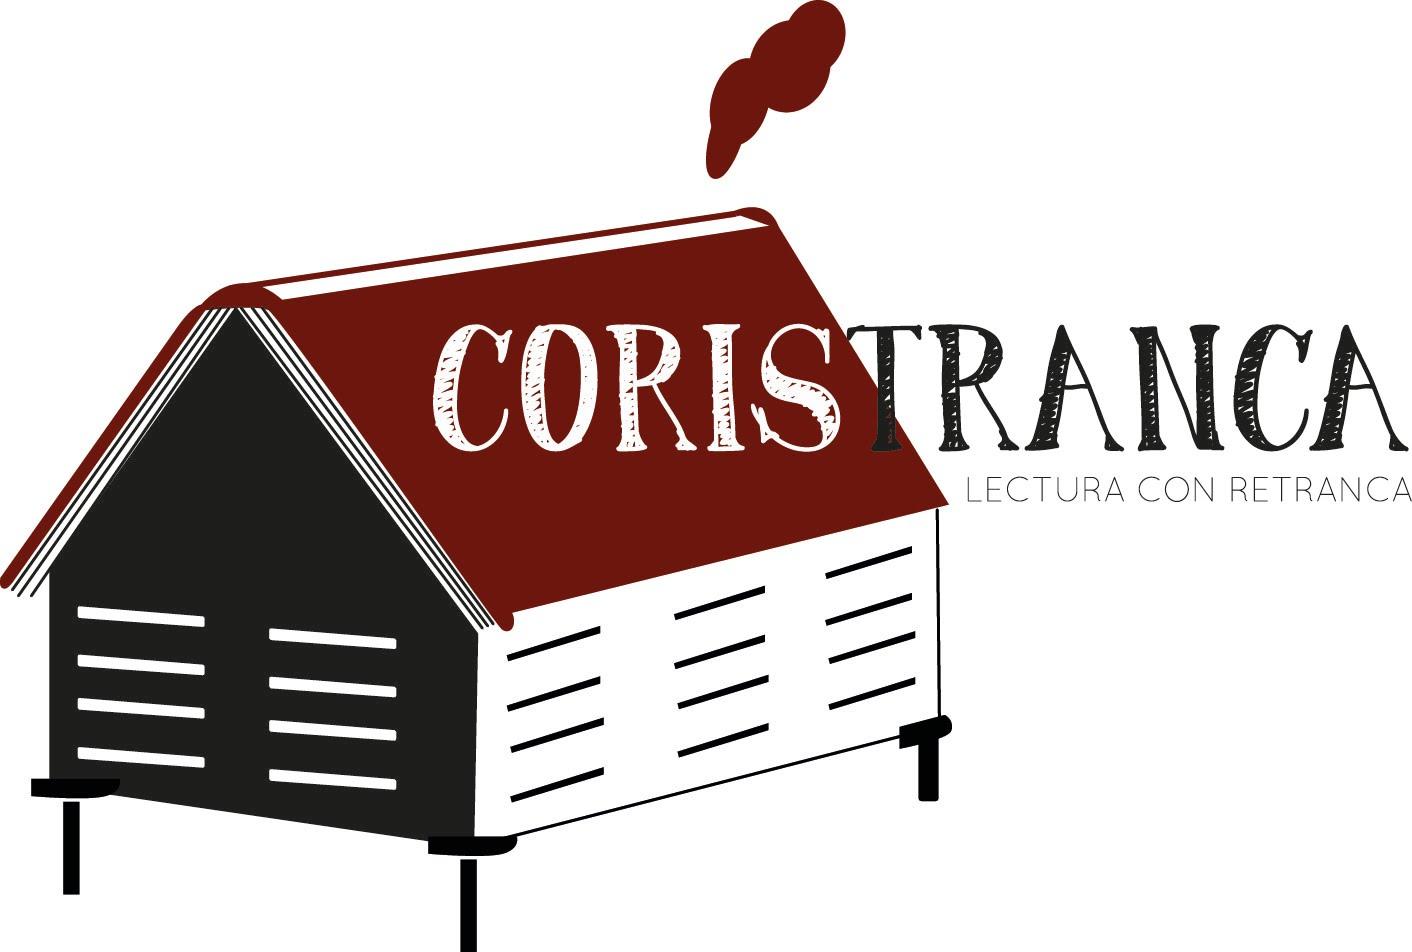 CORISTRANCA, CASA DE LETRAS E AFECTOS ENTRE LIÑAS